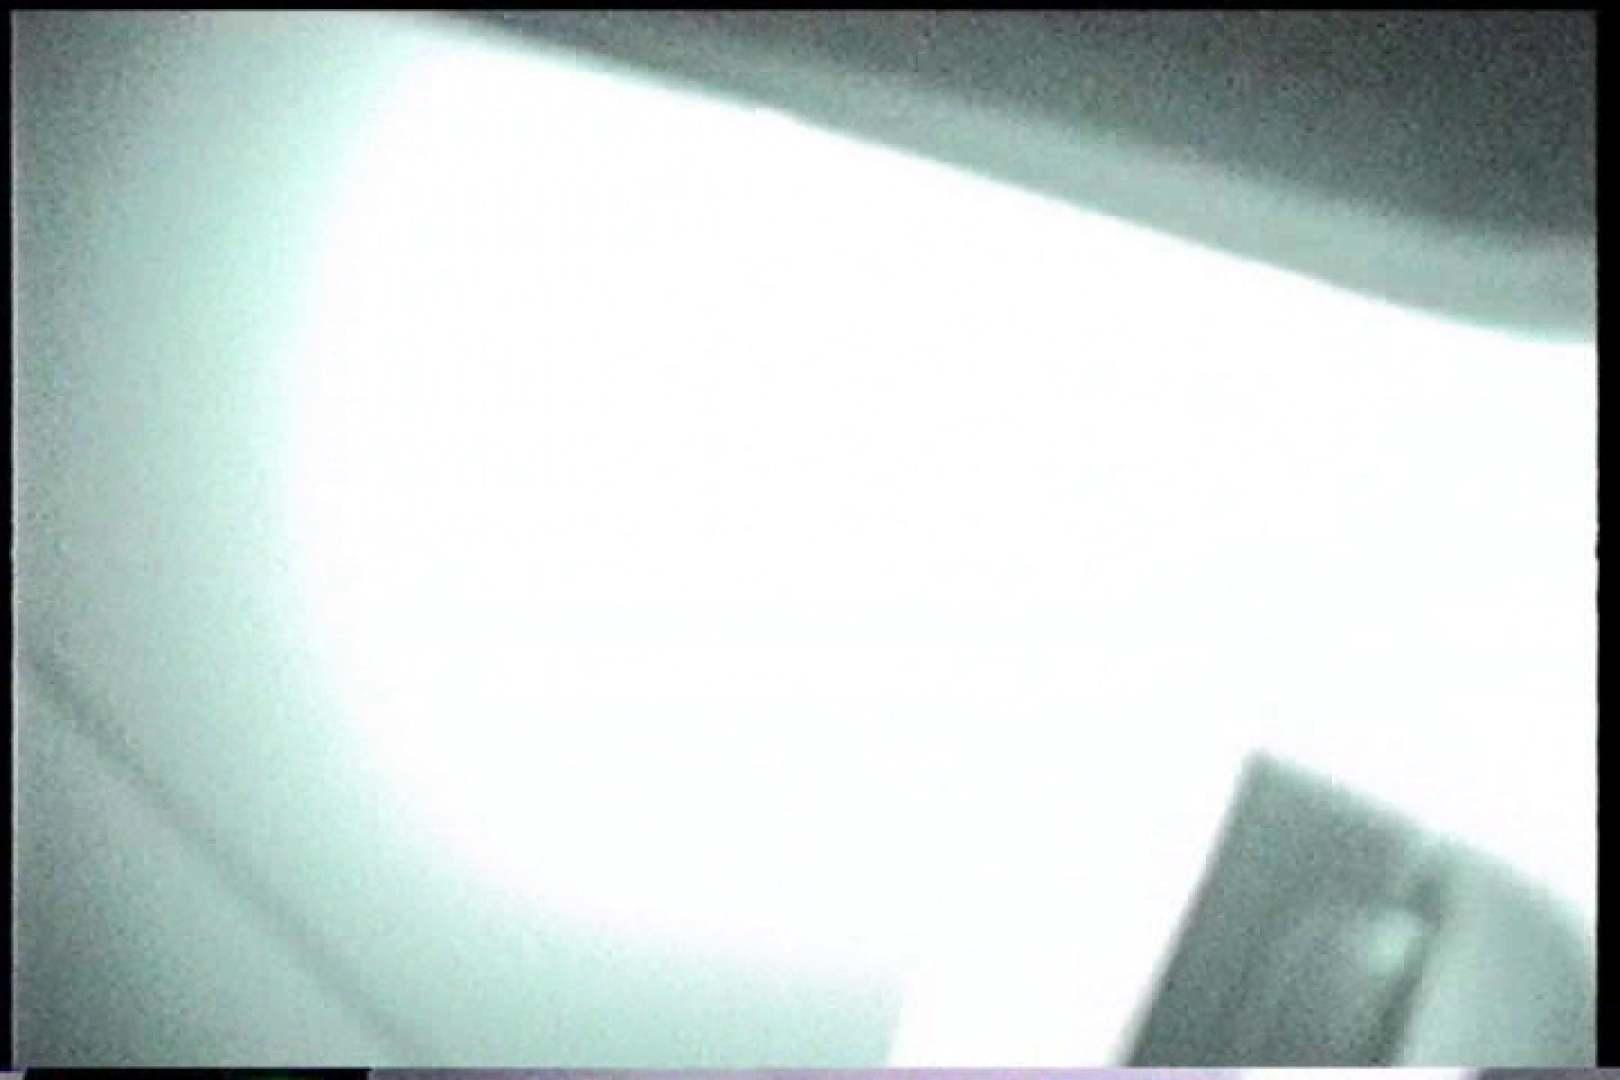 充血監督の深夜の運動会Vol.173 乳首 のぞき動画画像 74pic 11